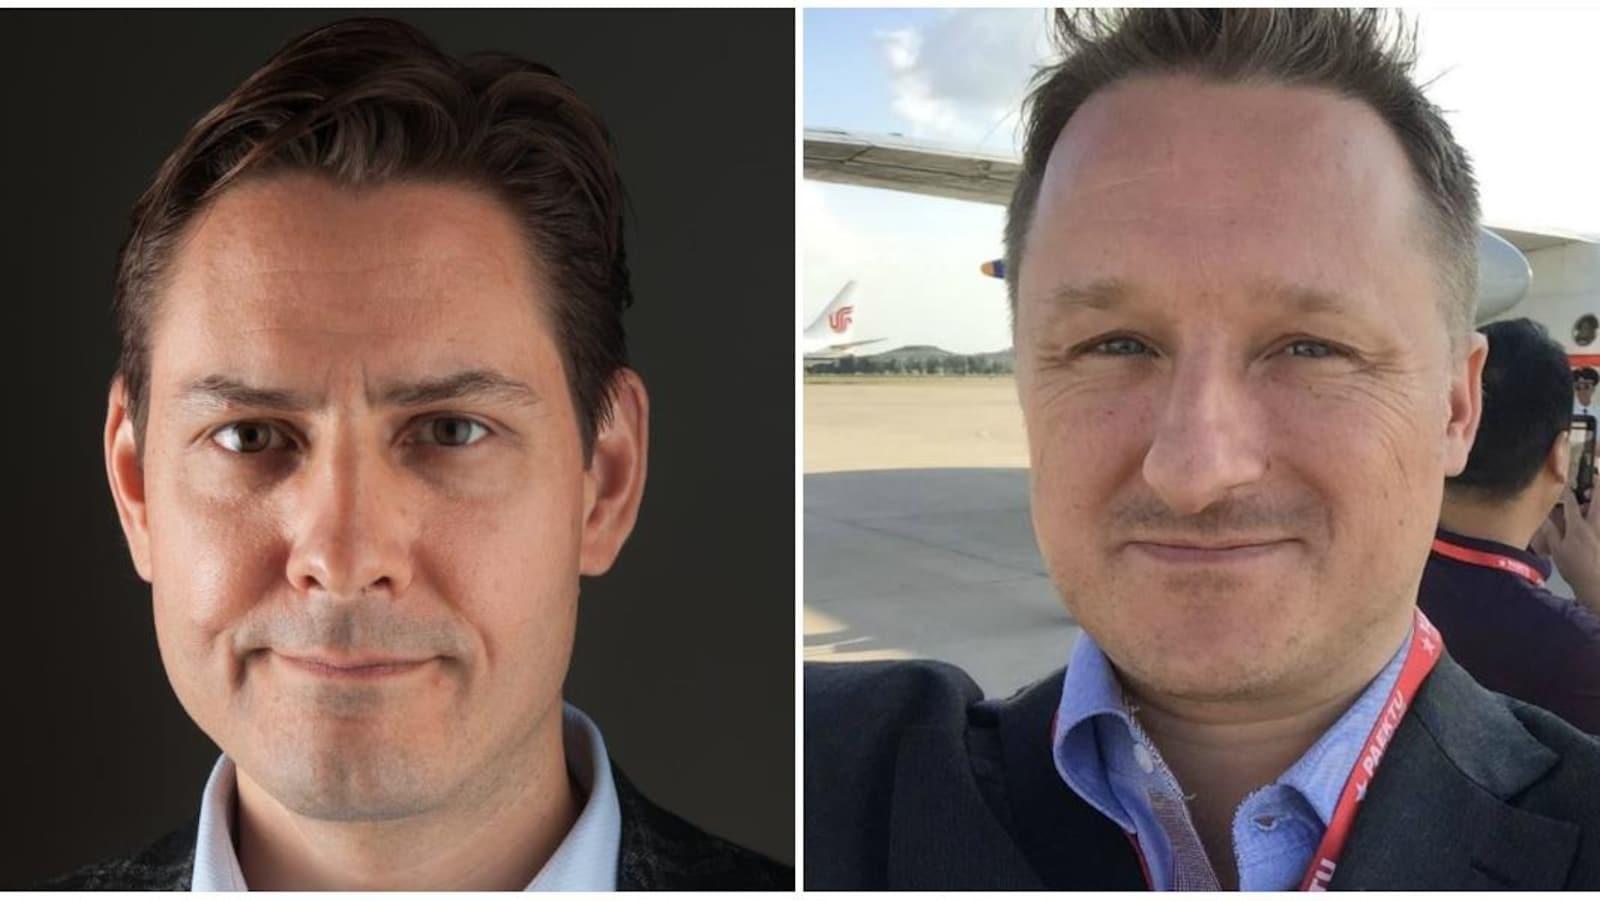 Michael Kovrig (à gauche) et Michael Spavor (à gauche) ont été arrêtés par les autorités chinoises.